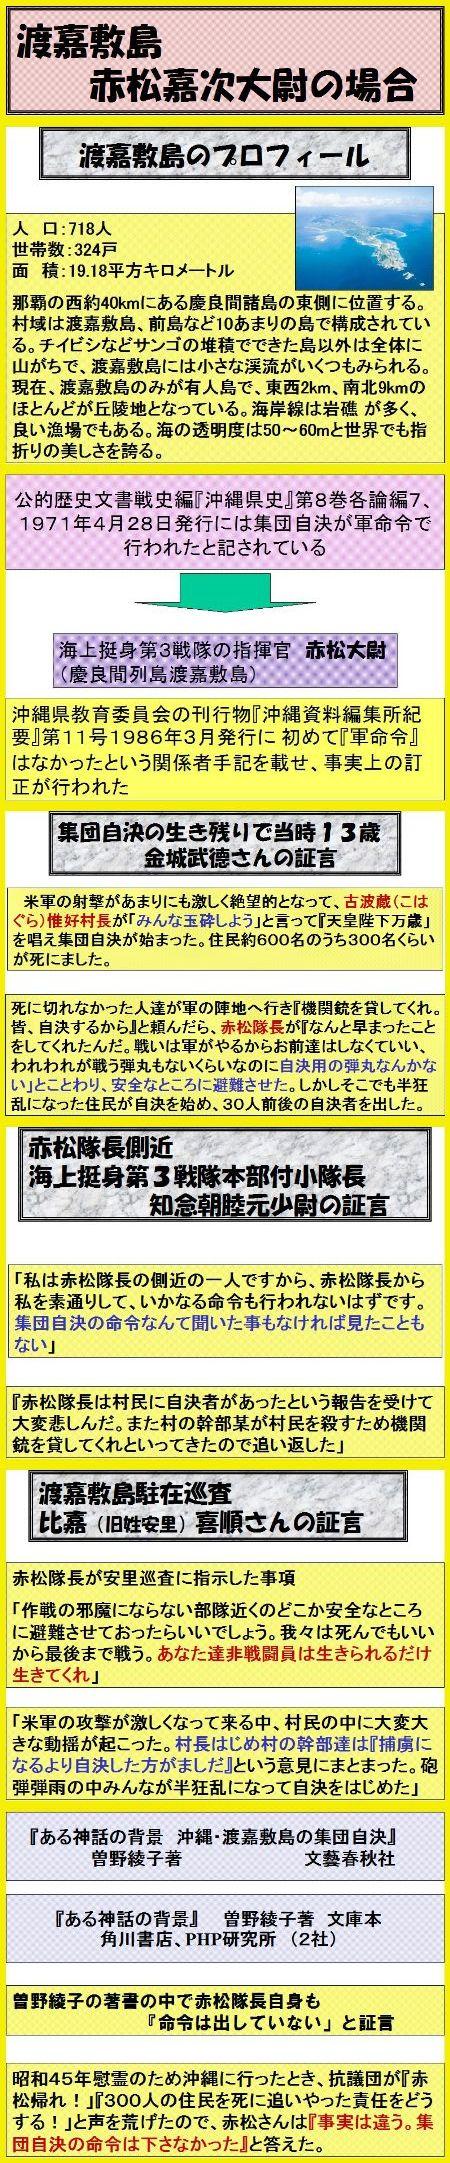 沖縄集団自決の真相3